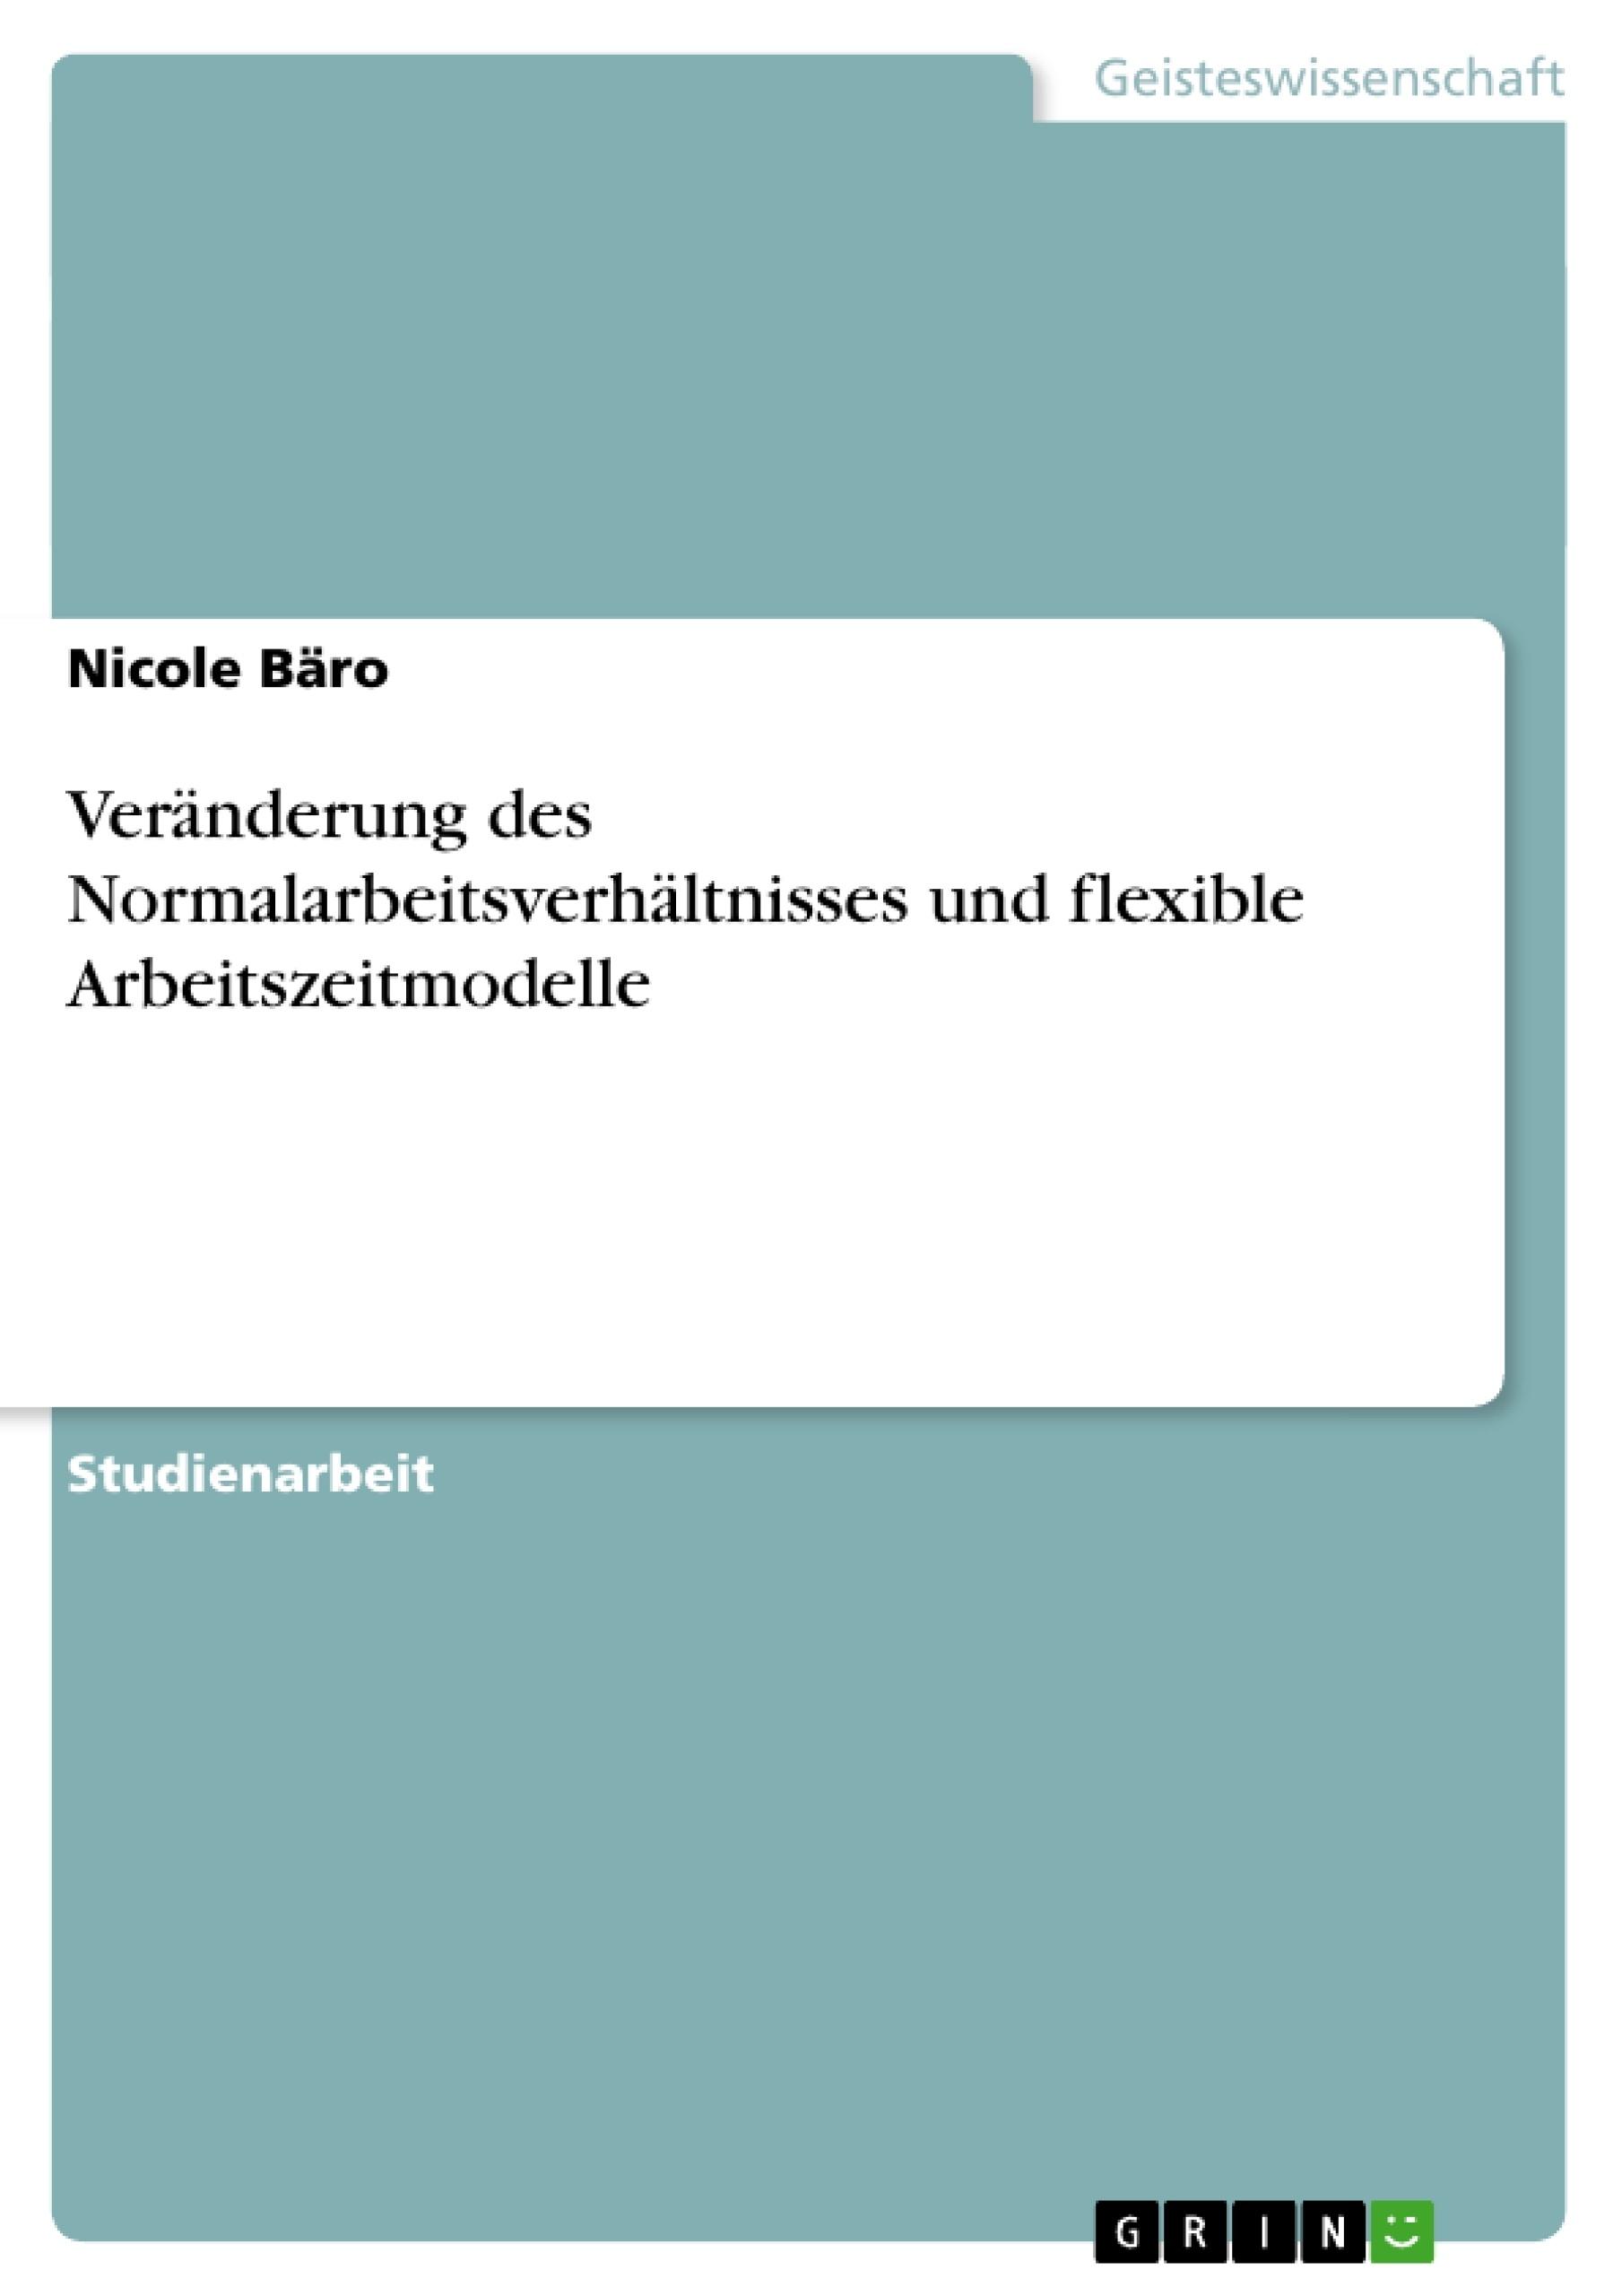 Titel: Veränderung des Normalarbeitsverhältnisses und flexible Arbeitszeitmodelle